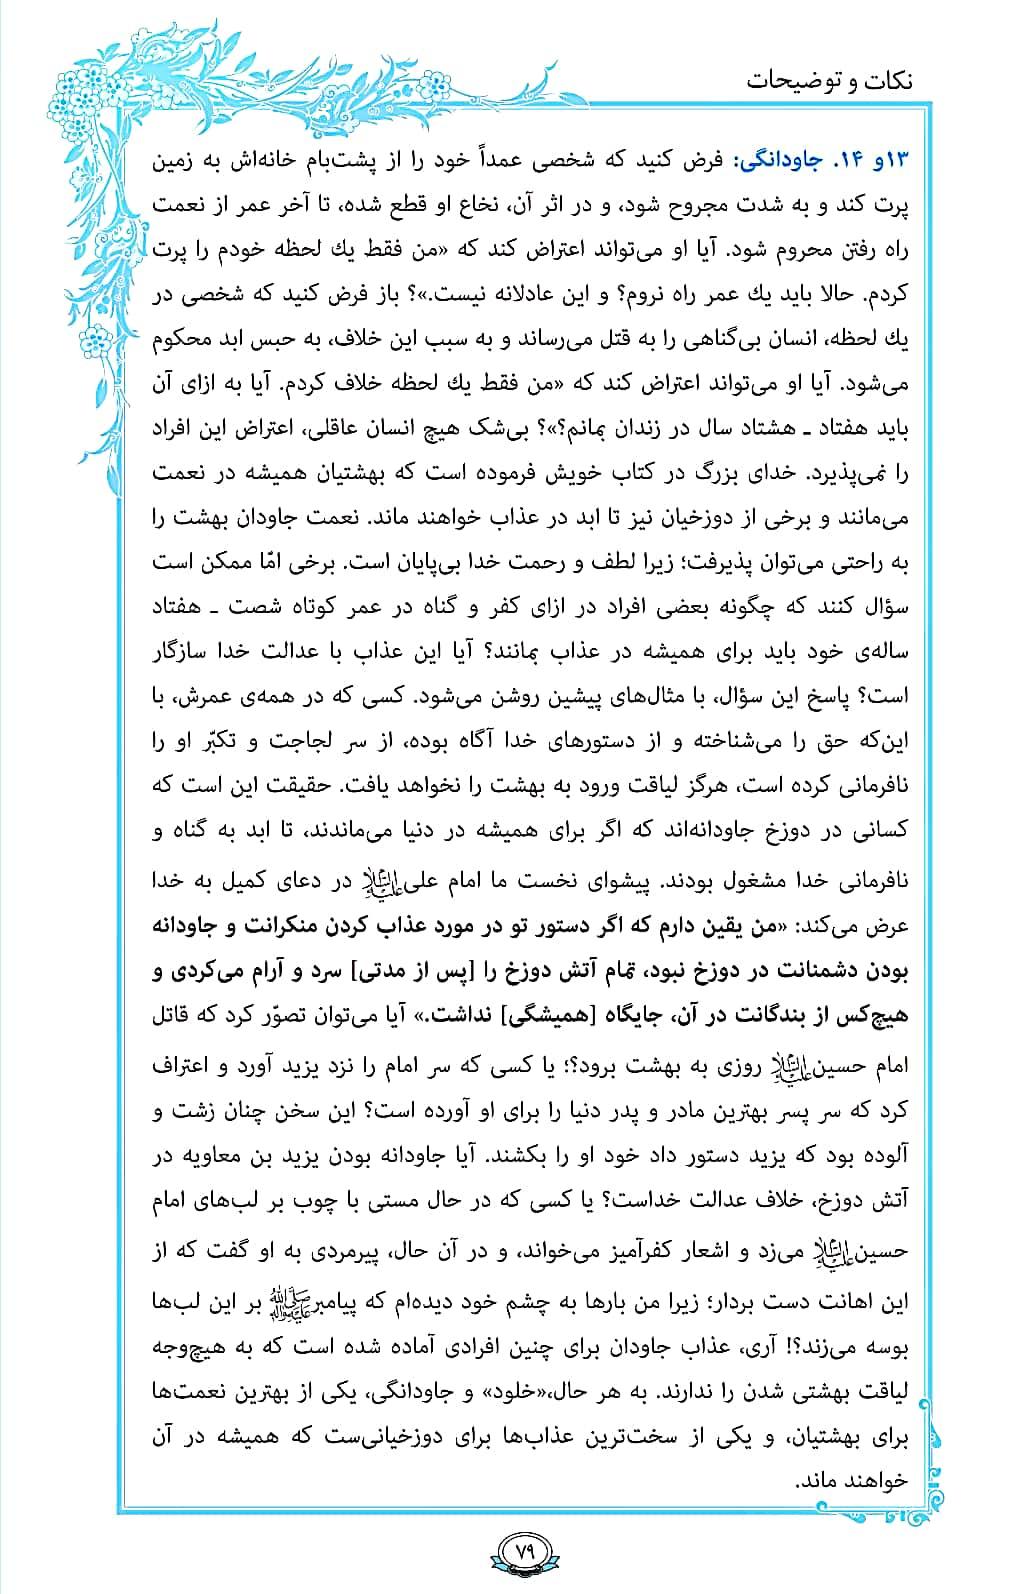 14000103000441 Test NewPhotoFree - ترتیل صفحه ۷۹ قرآن/ جاودانگی در بهشت و جهنم+فیلم، متن و مفاهیم